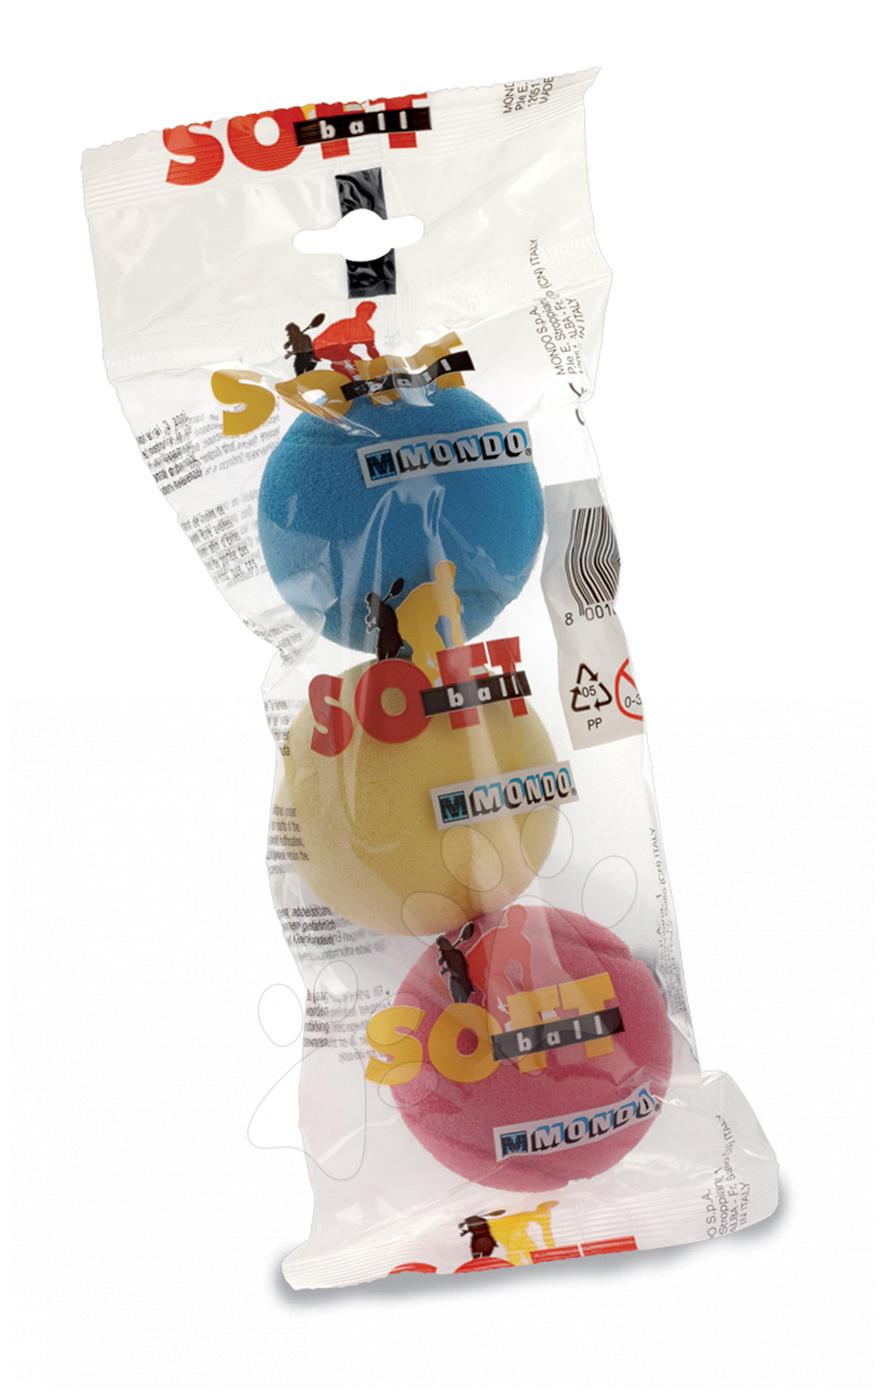 Mondo penové lopty pre deti 3 ks 14861 farebné